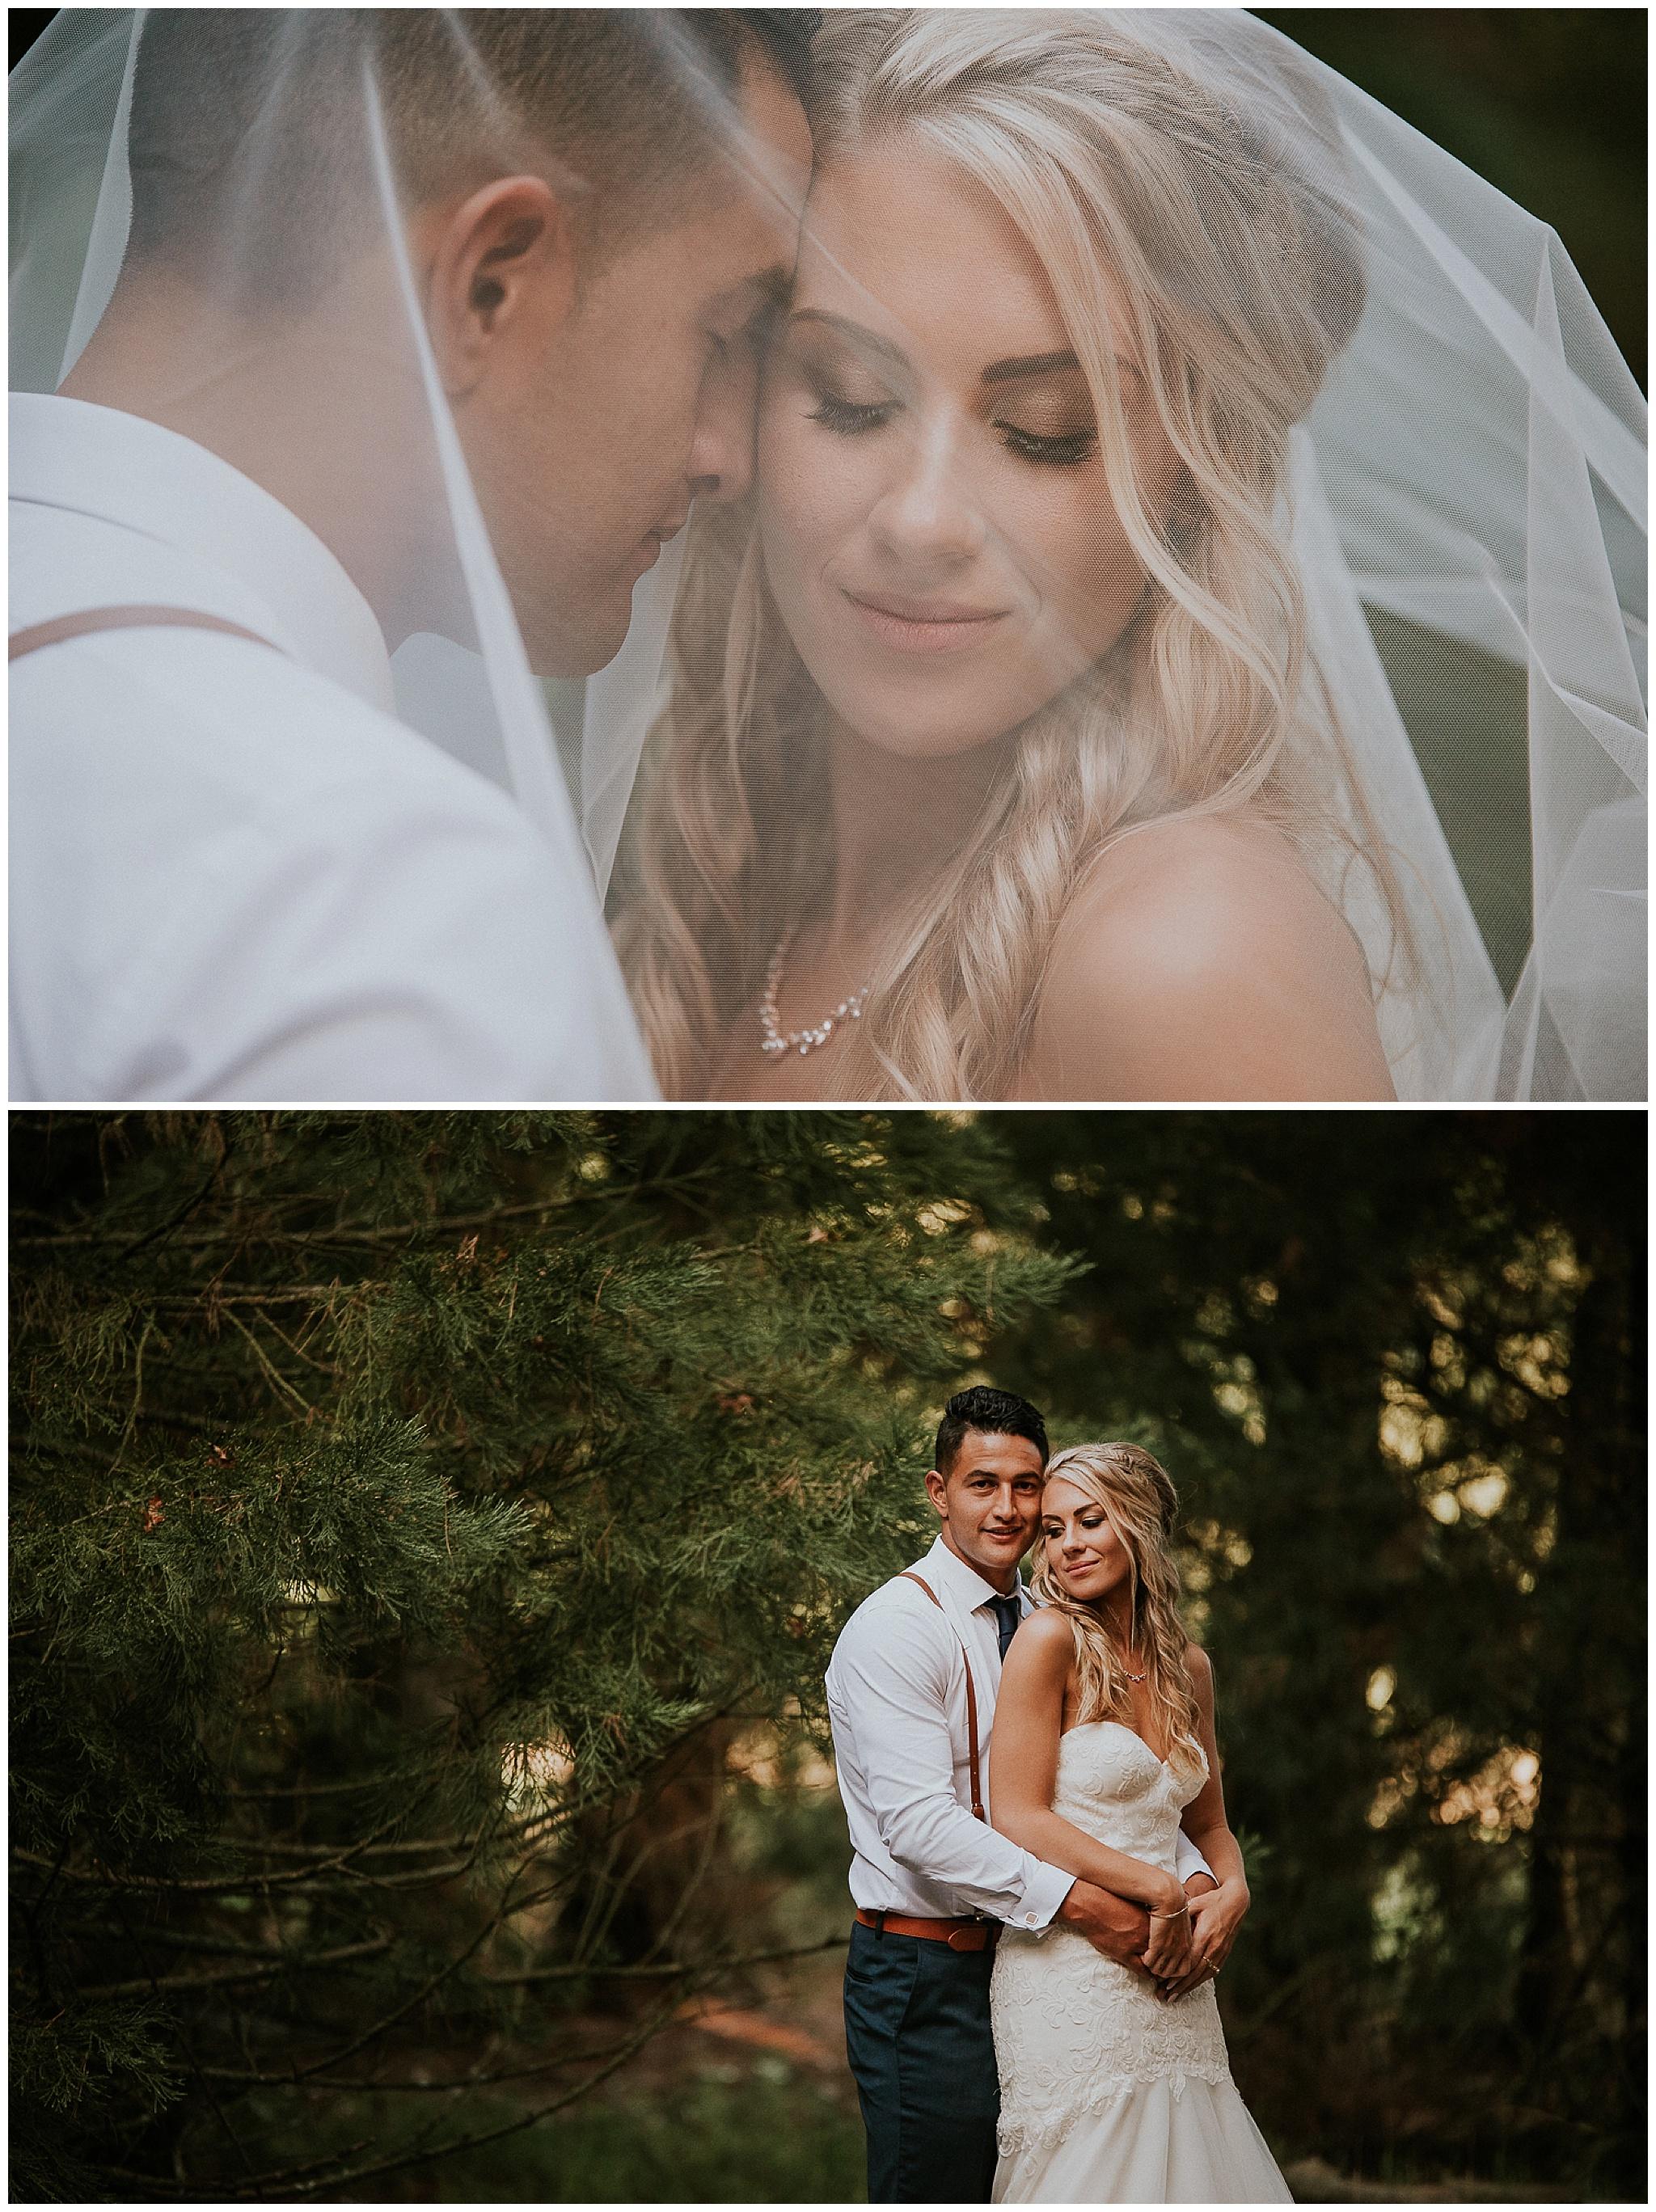 chad-jakalah-christchurch-garden-summer-elegant-auckland-wedding-photographer_0047.jpg